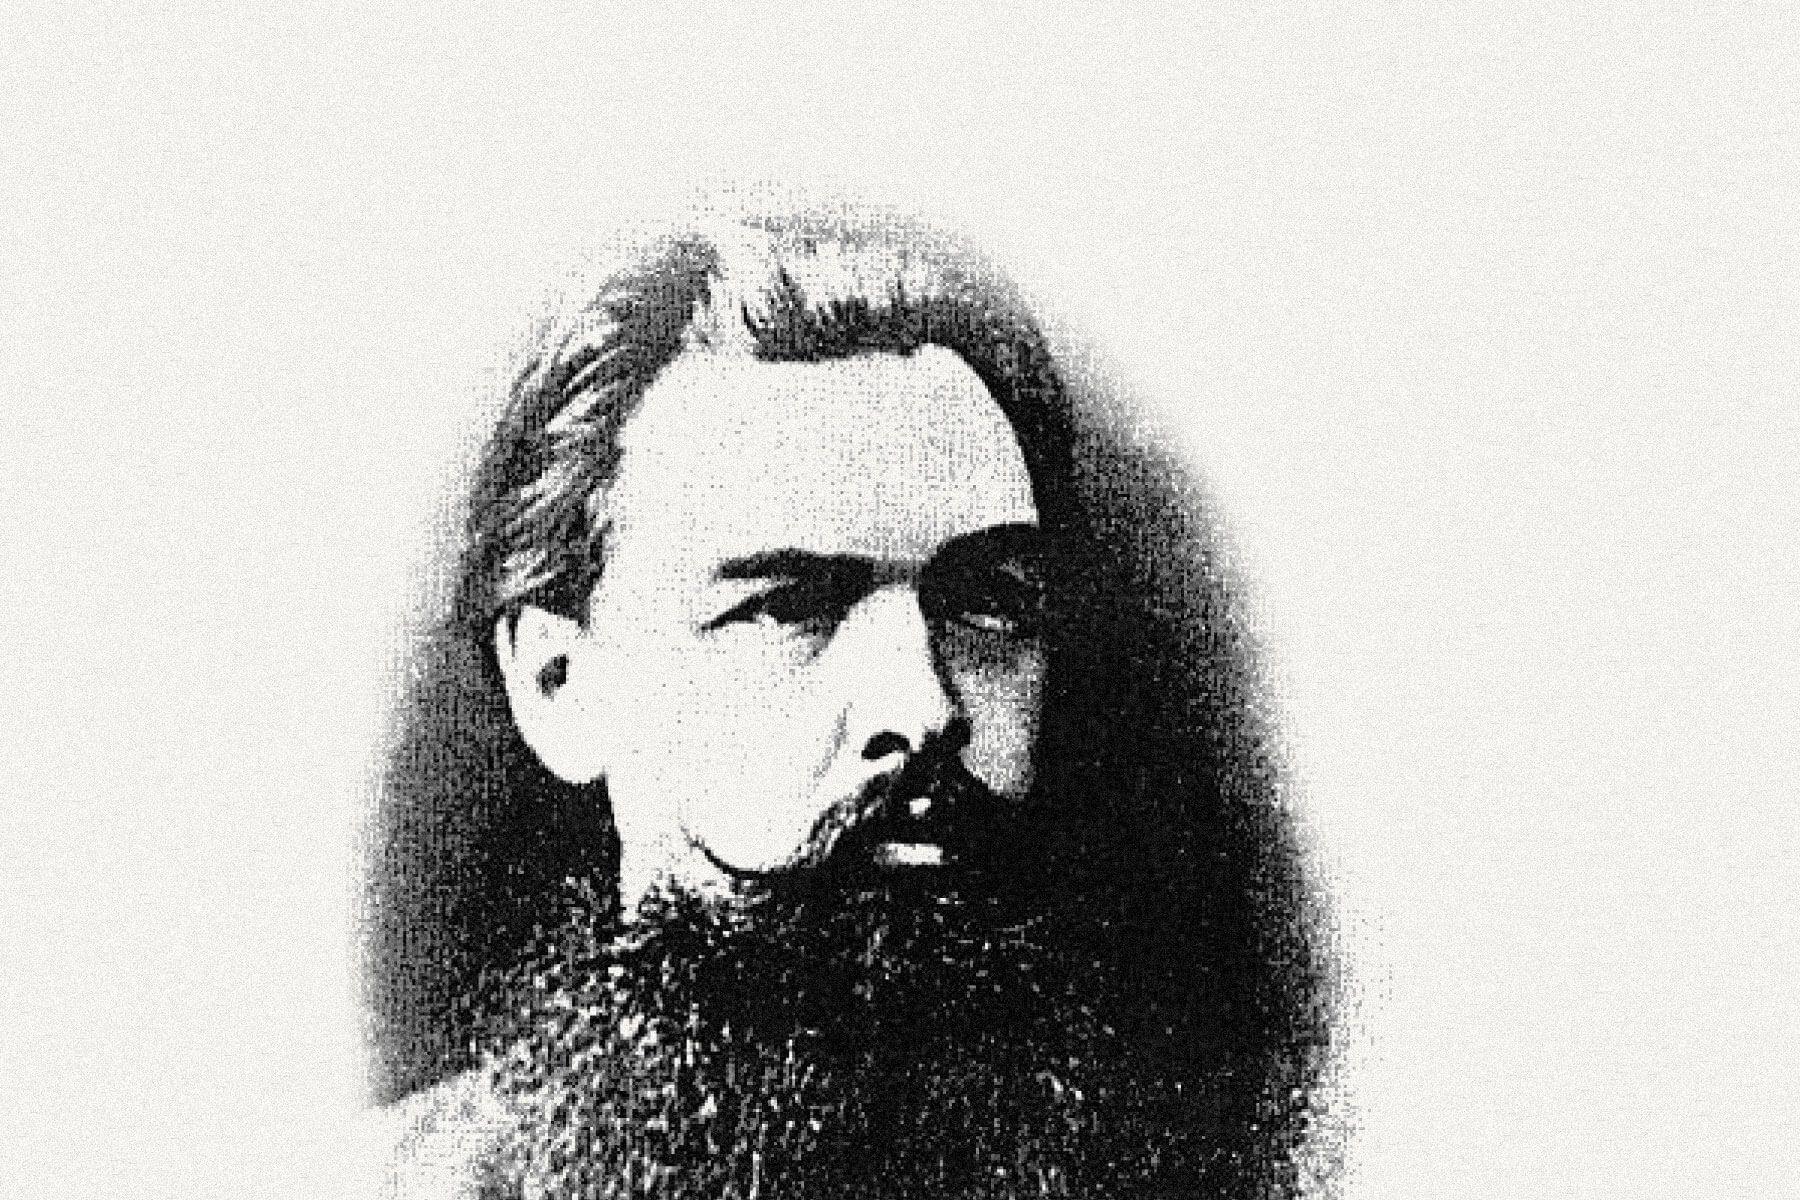 Георгий Судейкин. Источник: ru.wikipedia.org